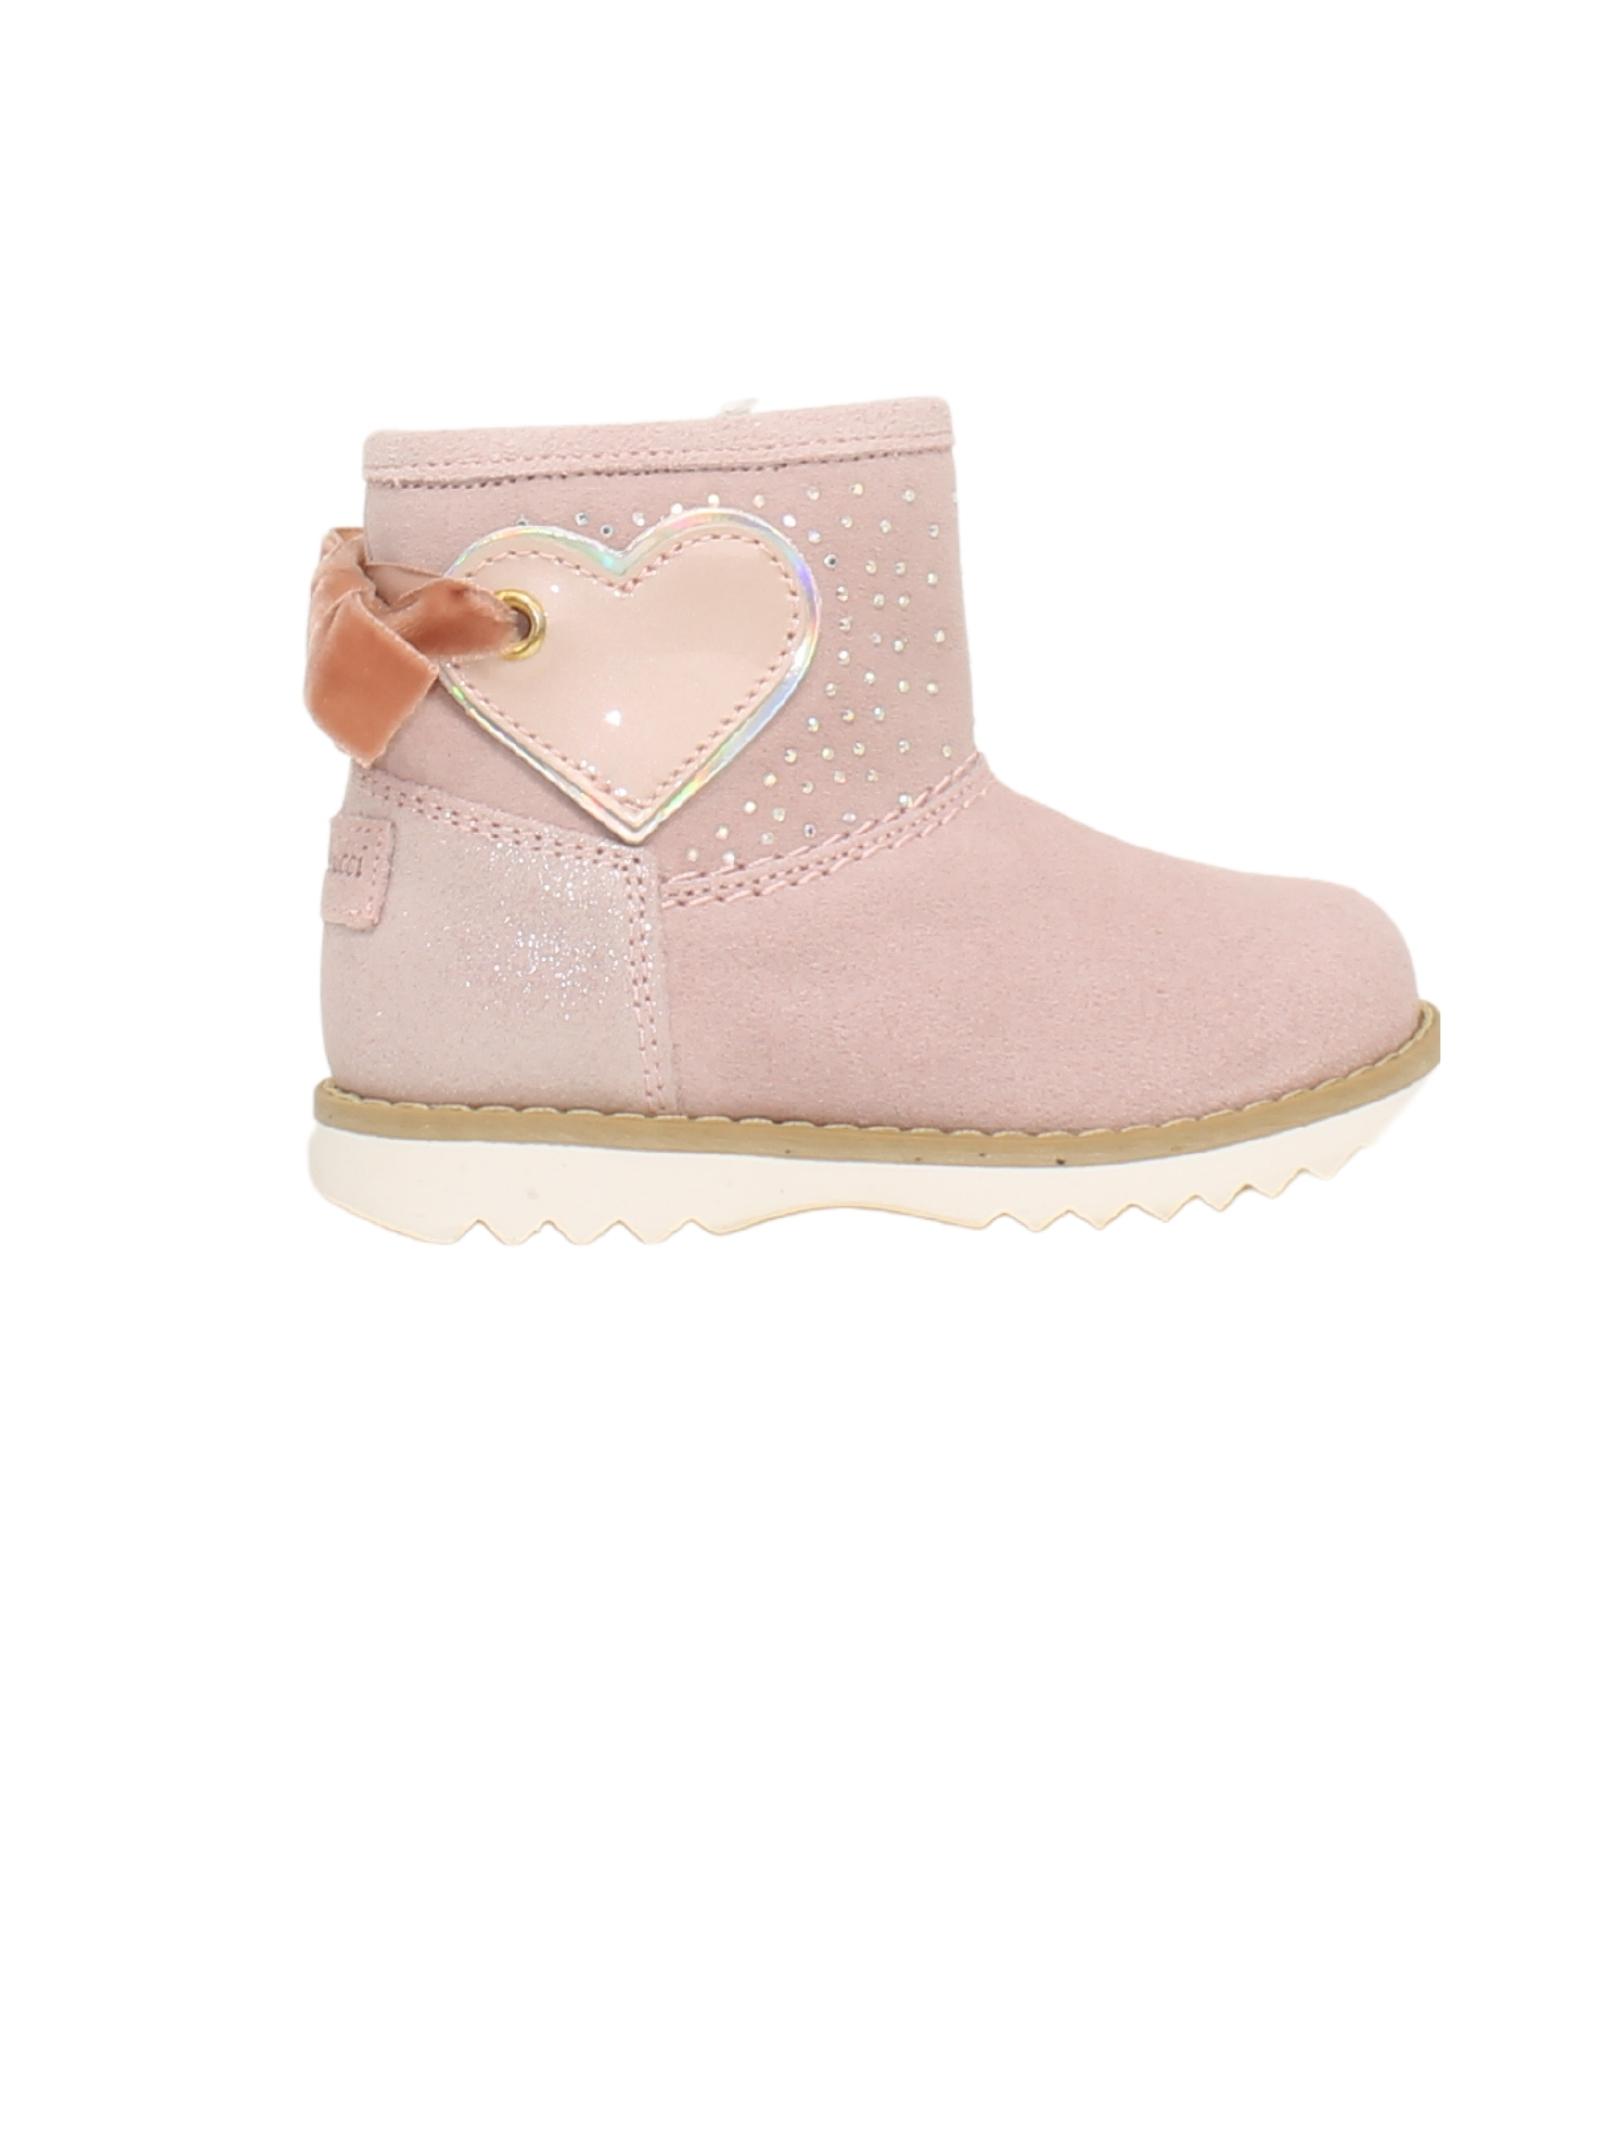 Pink Heart Girls boots BALDUCCI |  | MAT2222BROSA